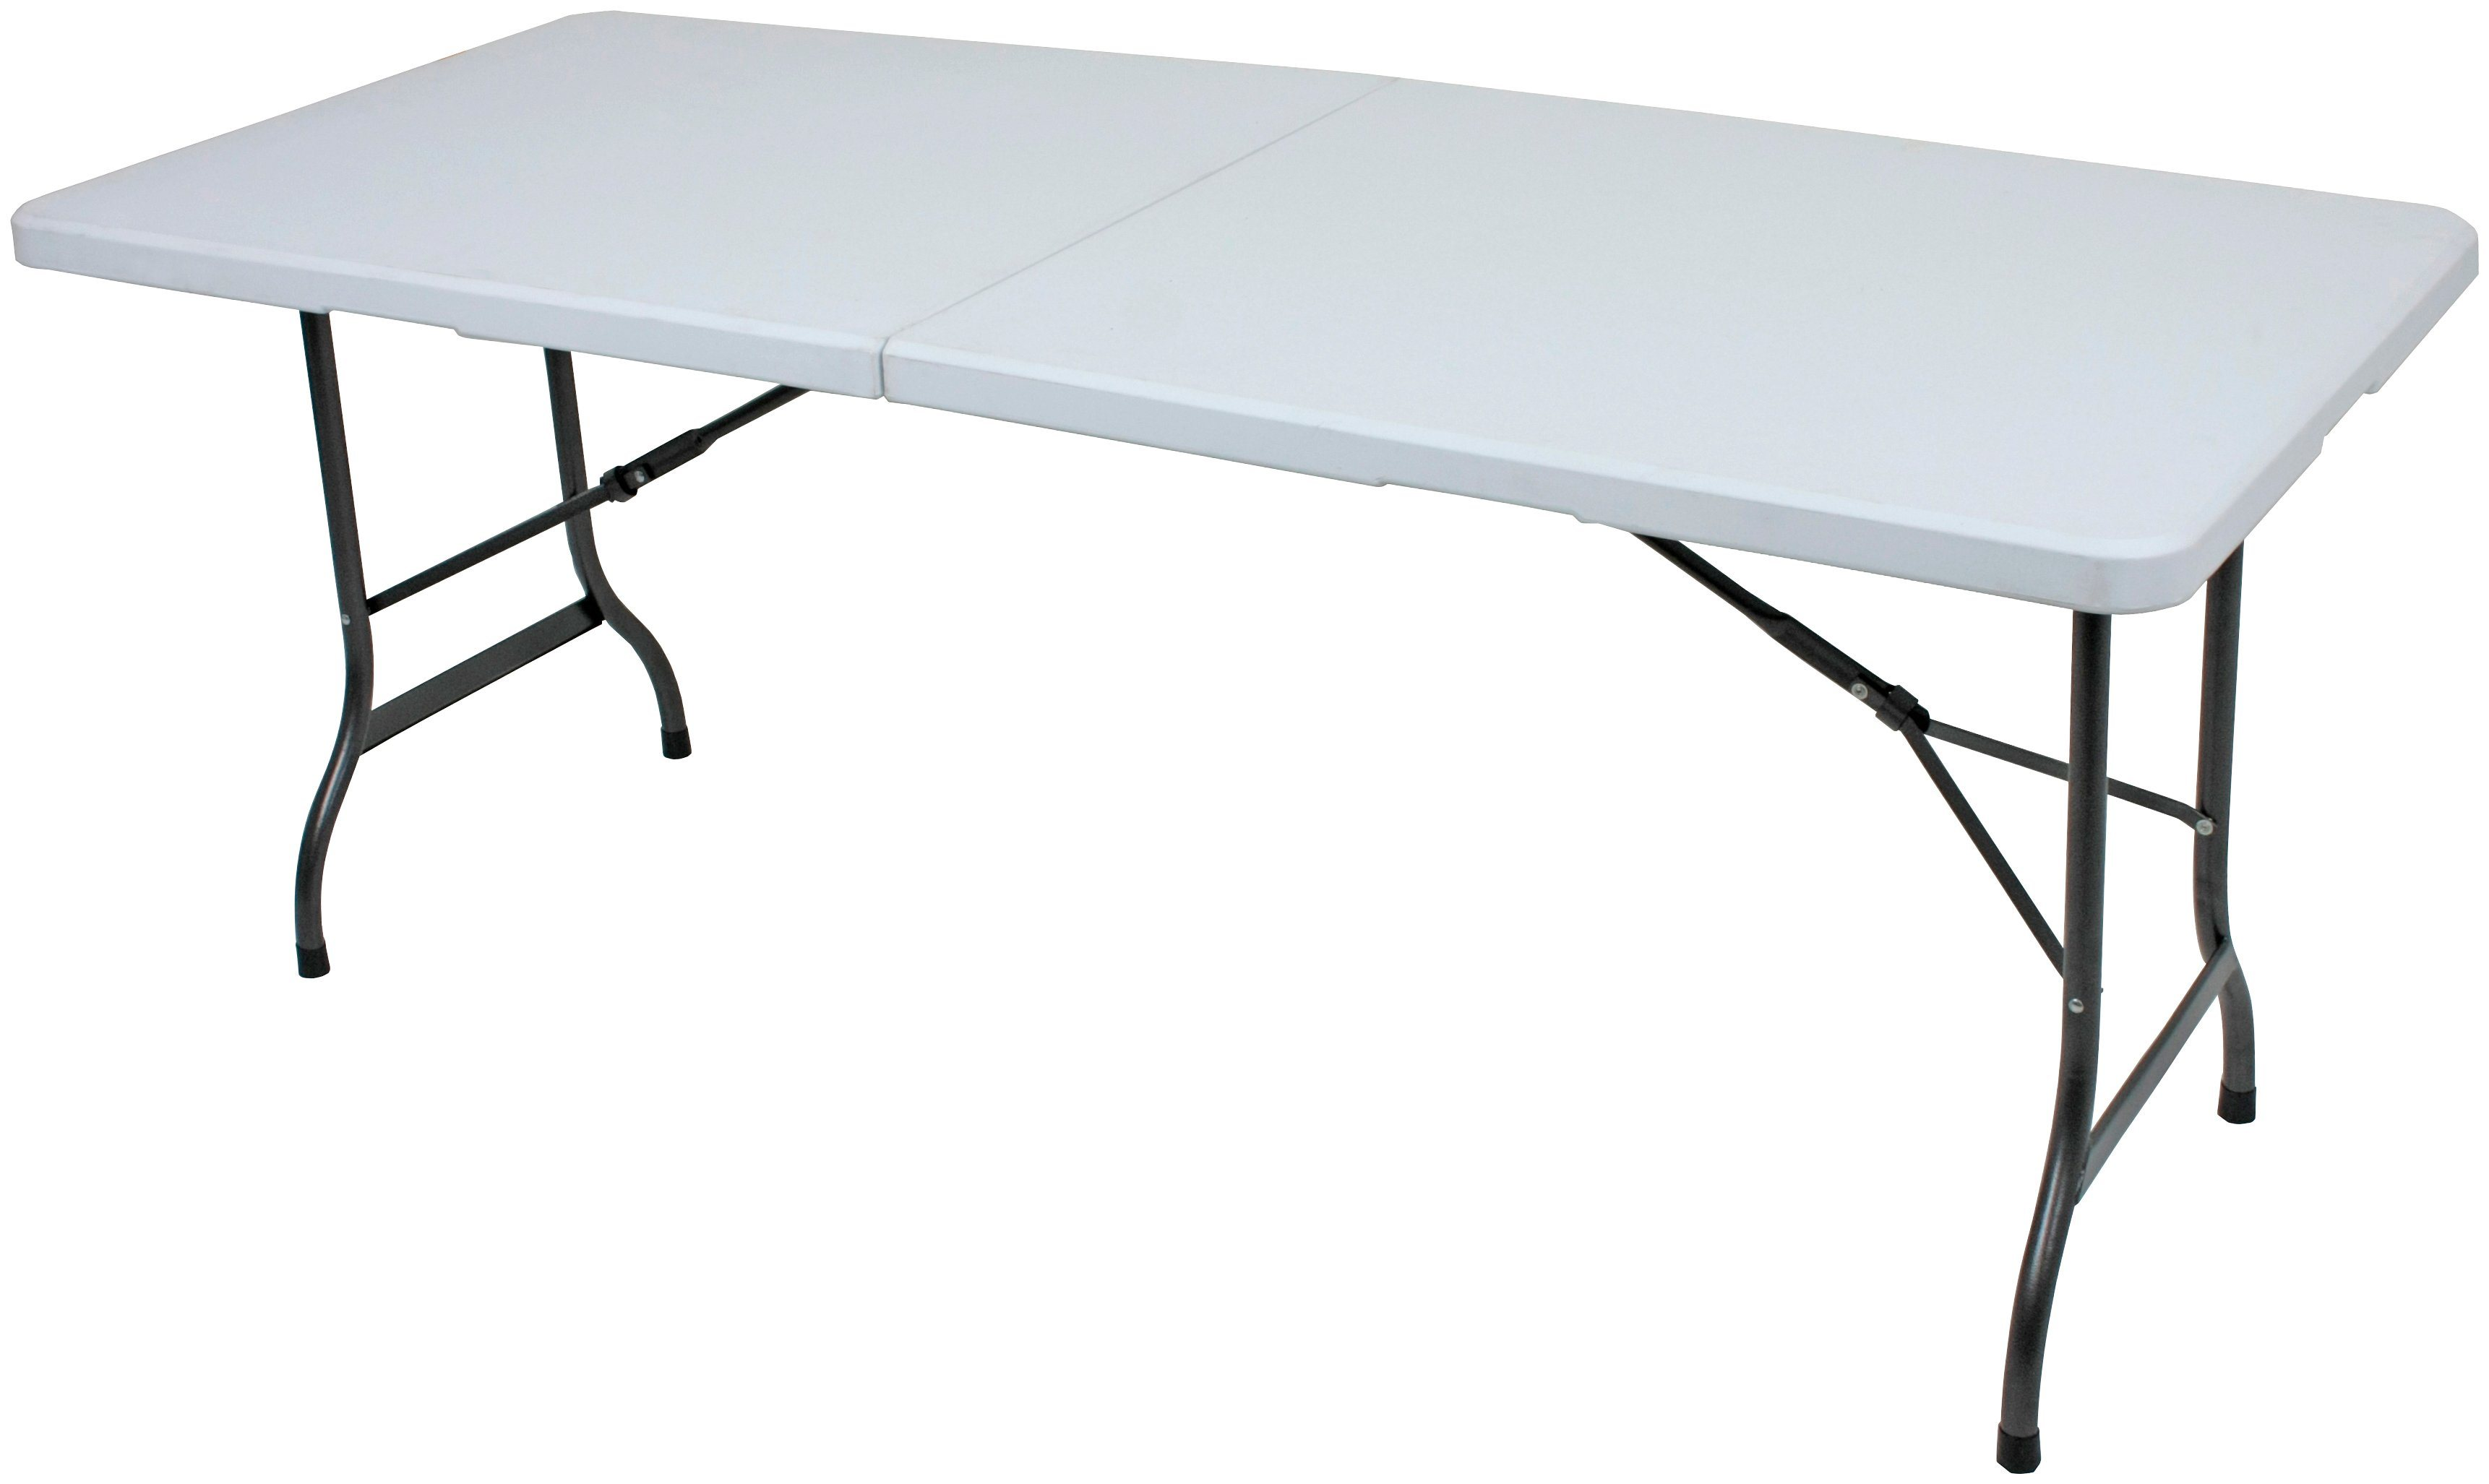 gartentisch weiss preisvergleich die besten angebote online kaufen. Black Bedroom Furniture Sets. Home Design Ideas